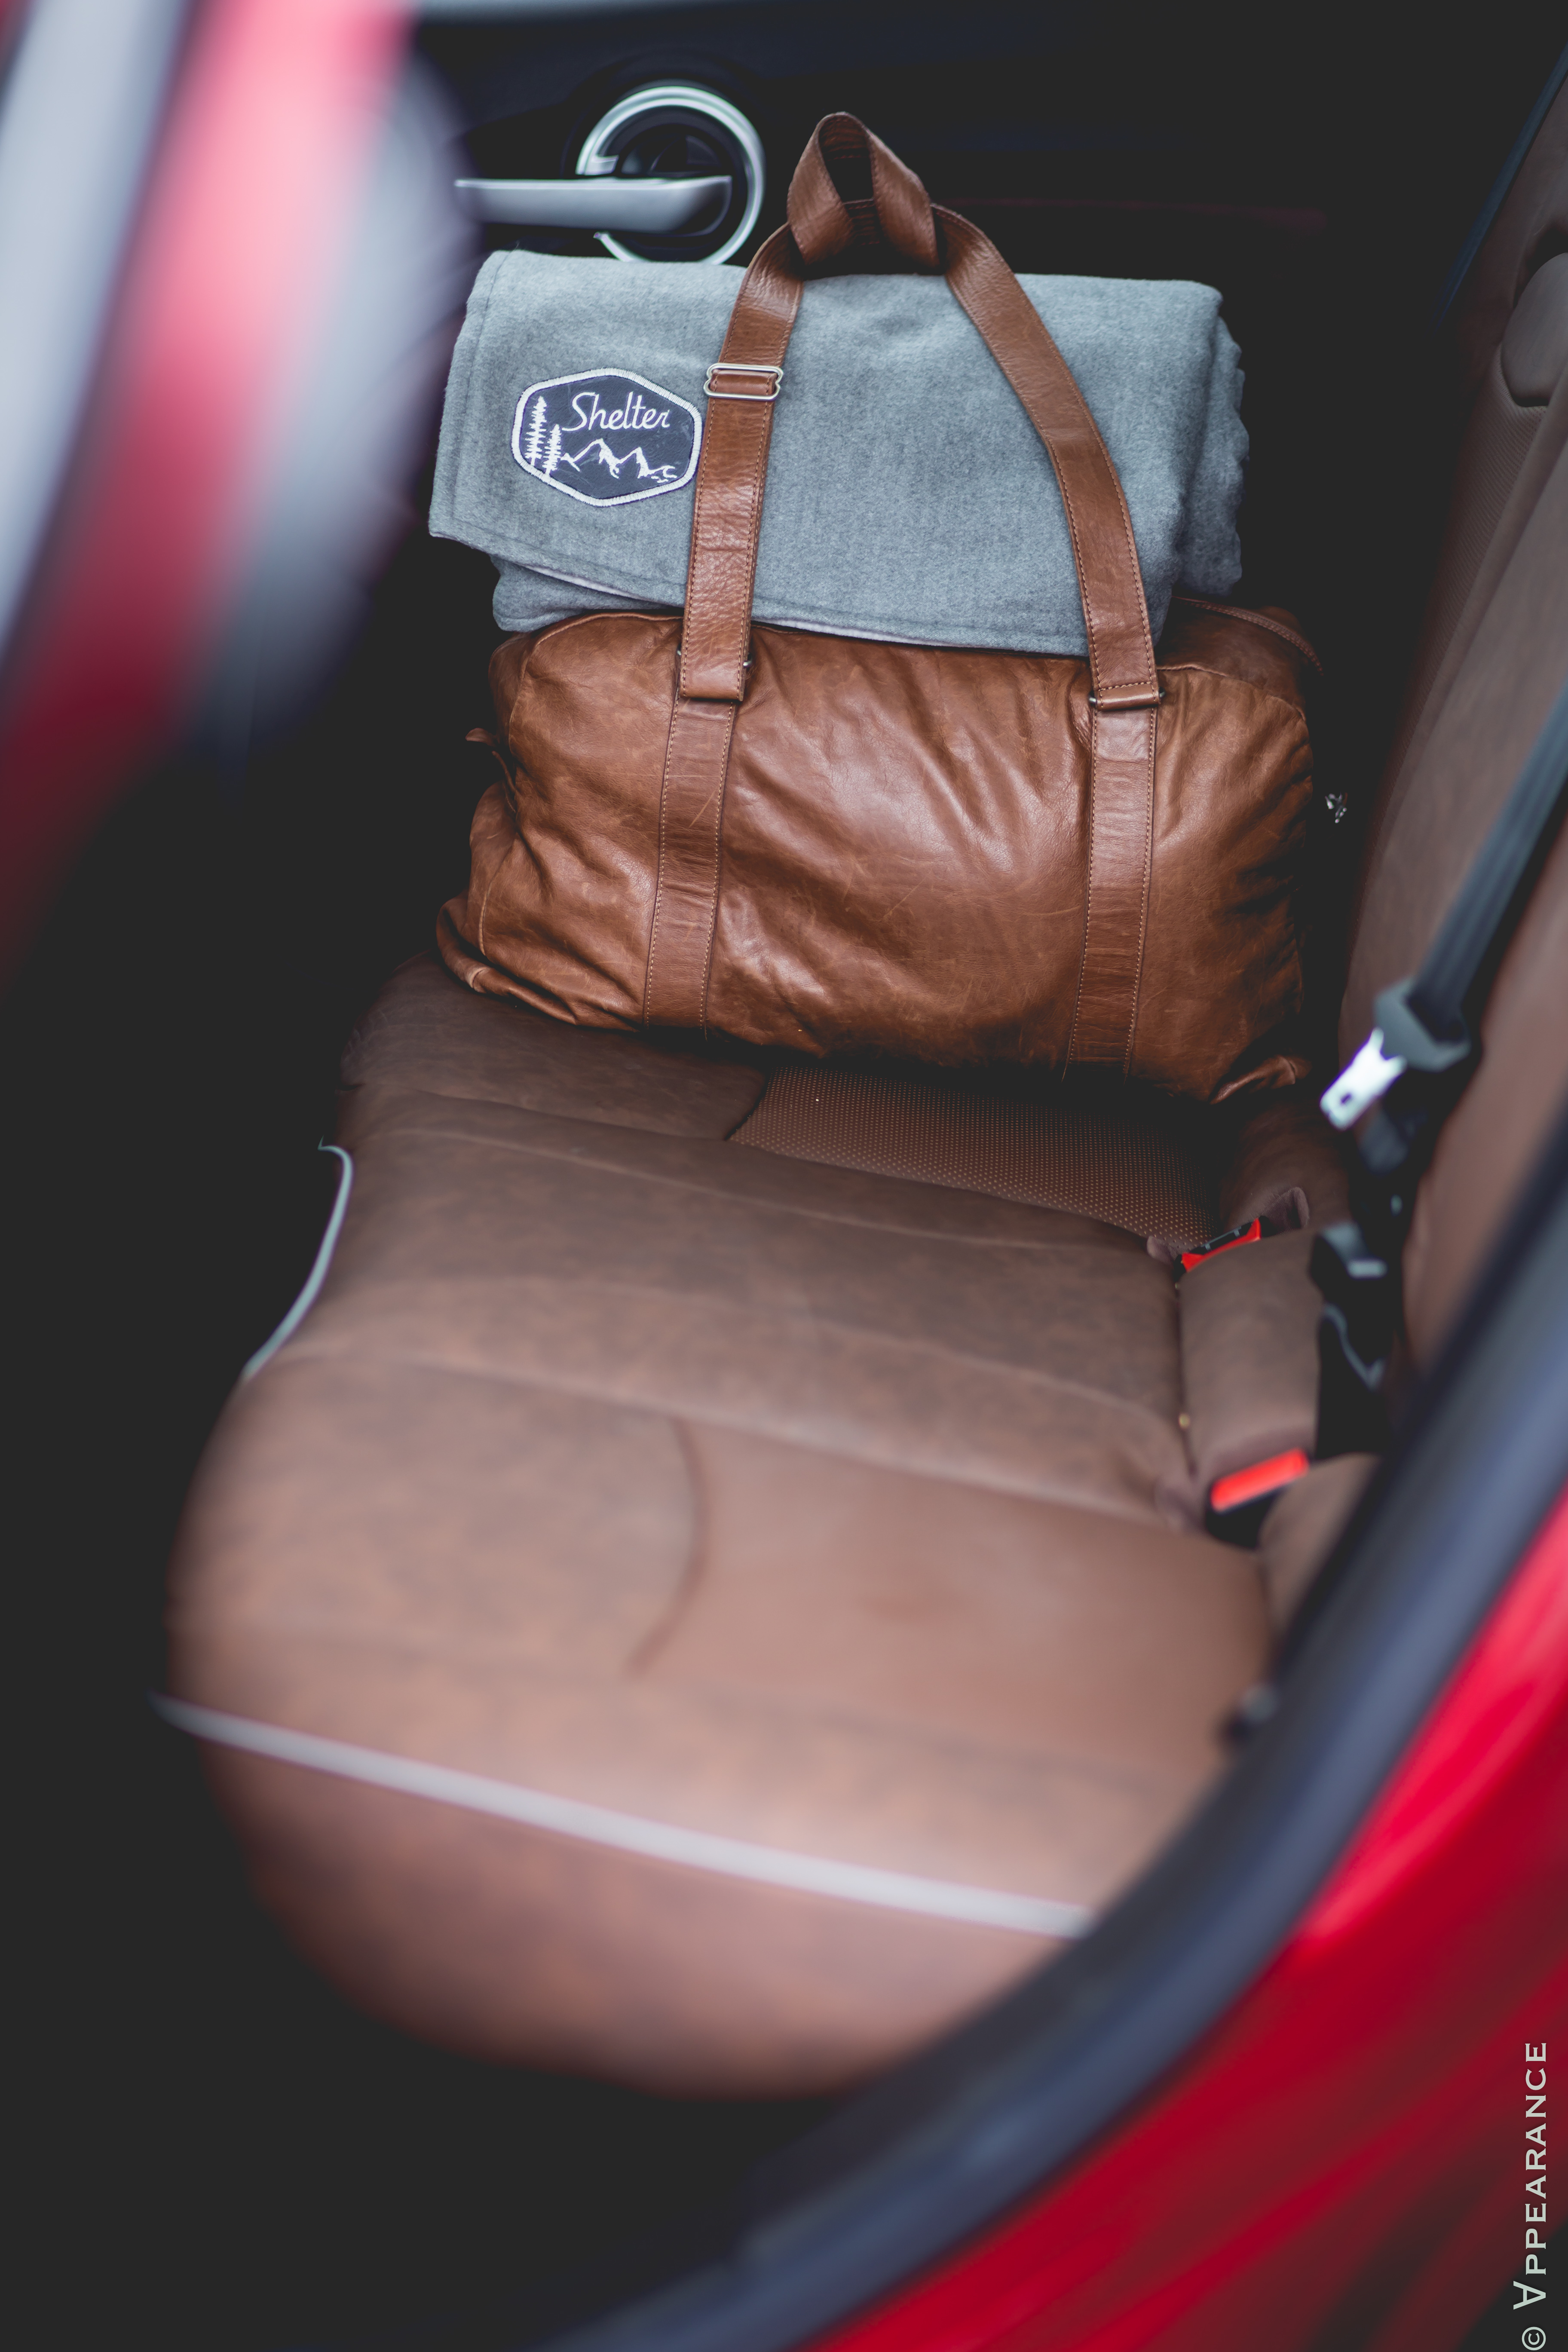 2016 Fiat 500X Rear Seats